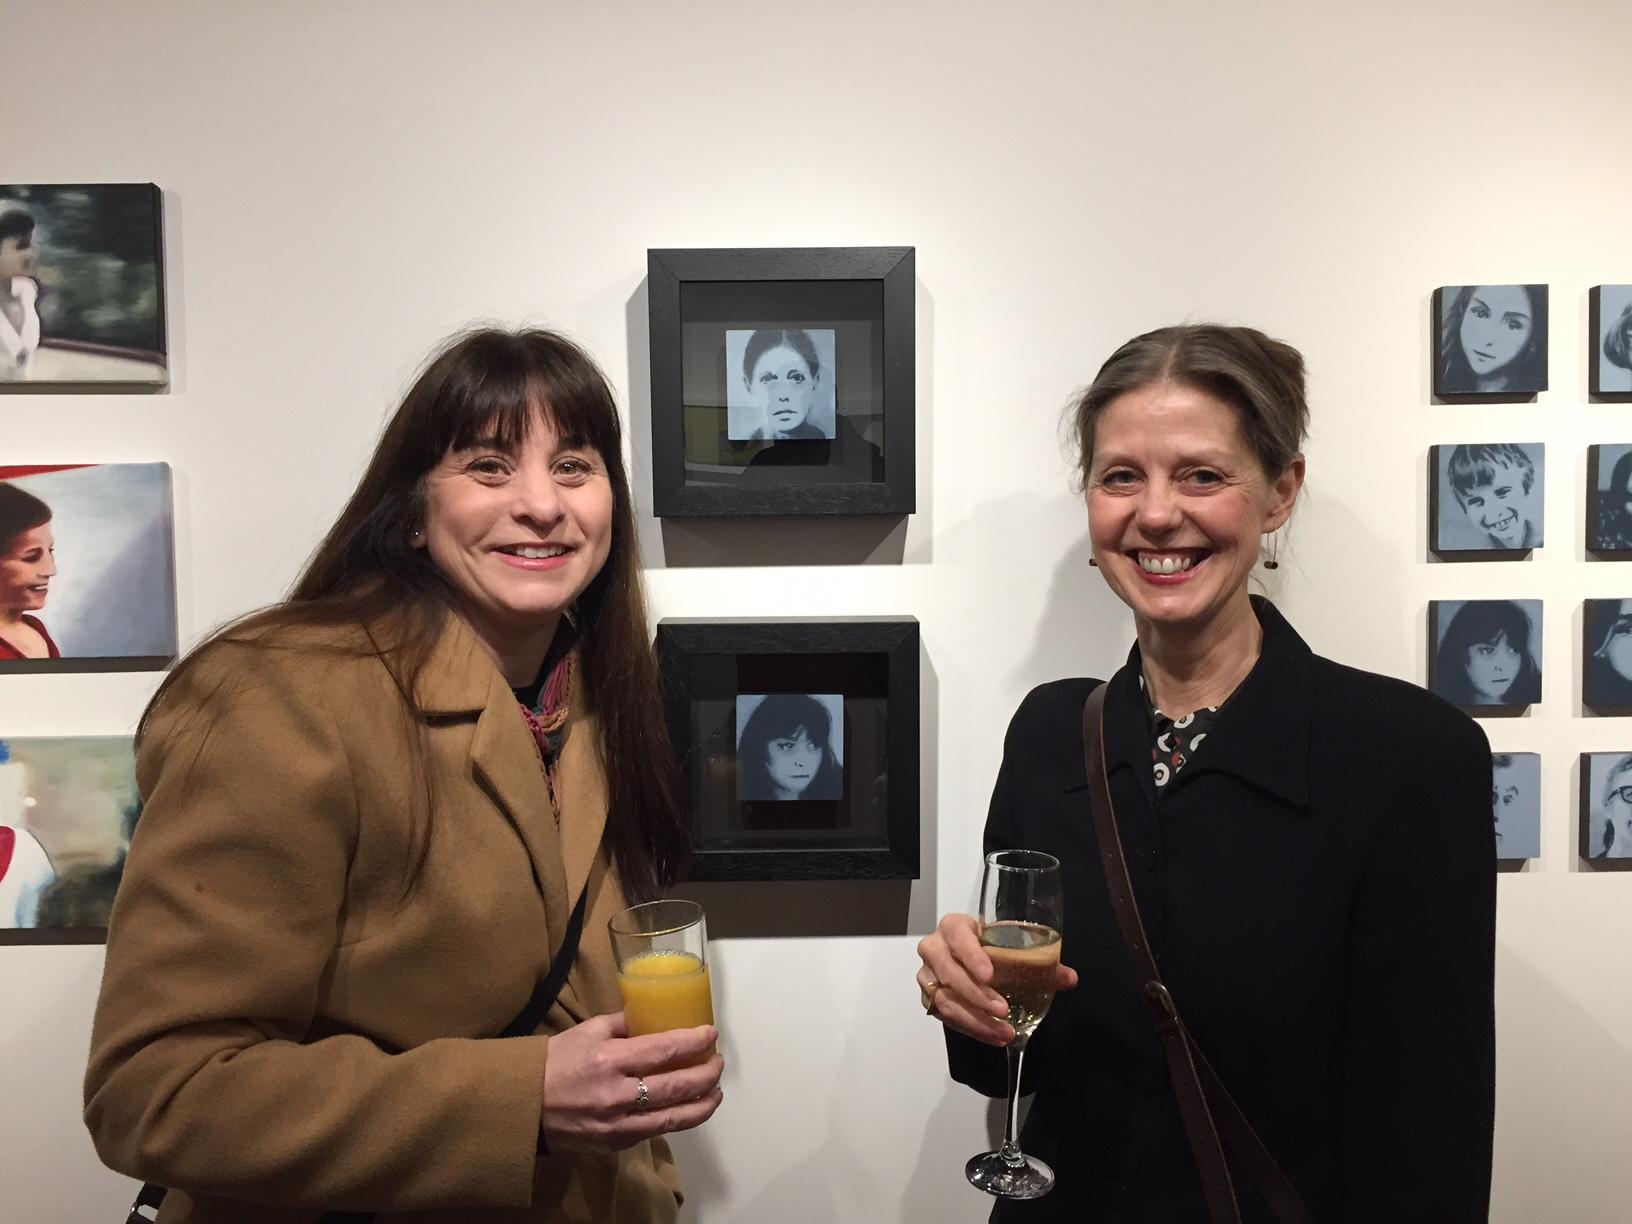 Artists Natalie Dowse & Julie Graves